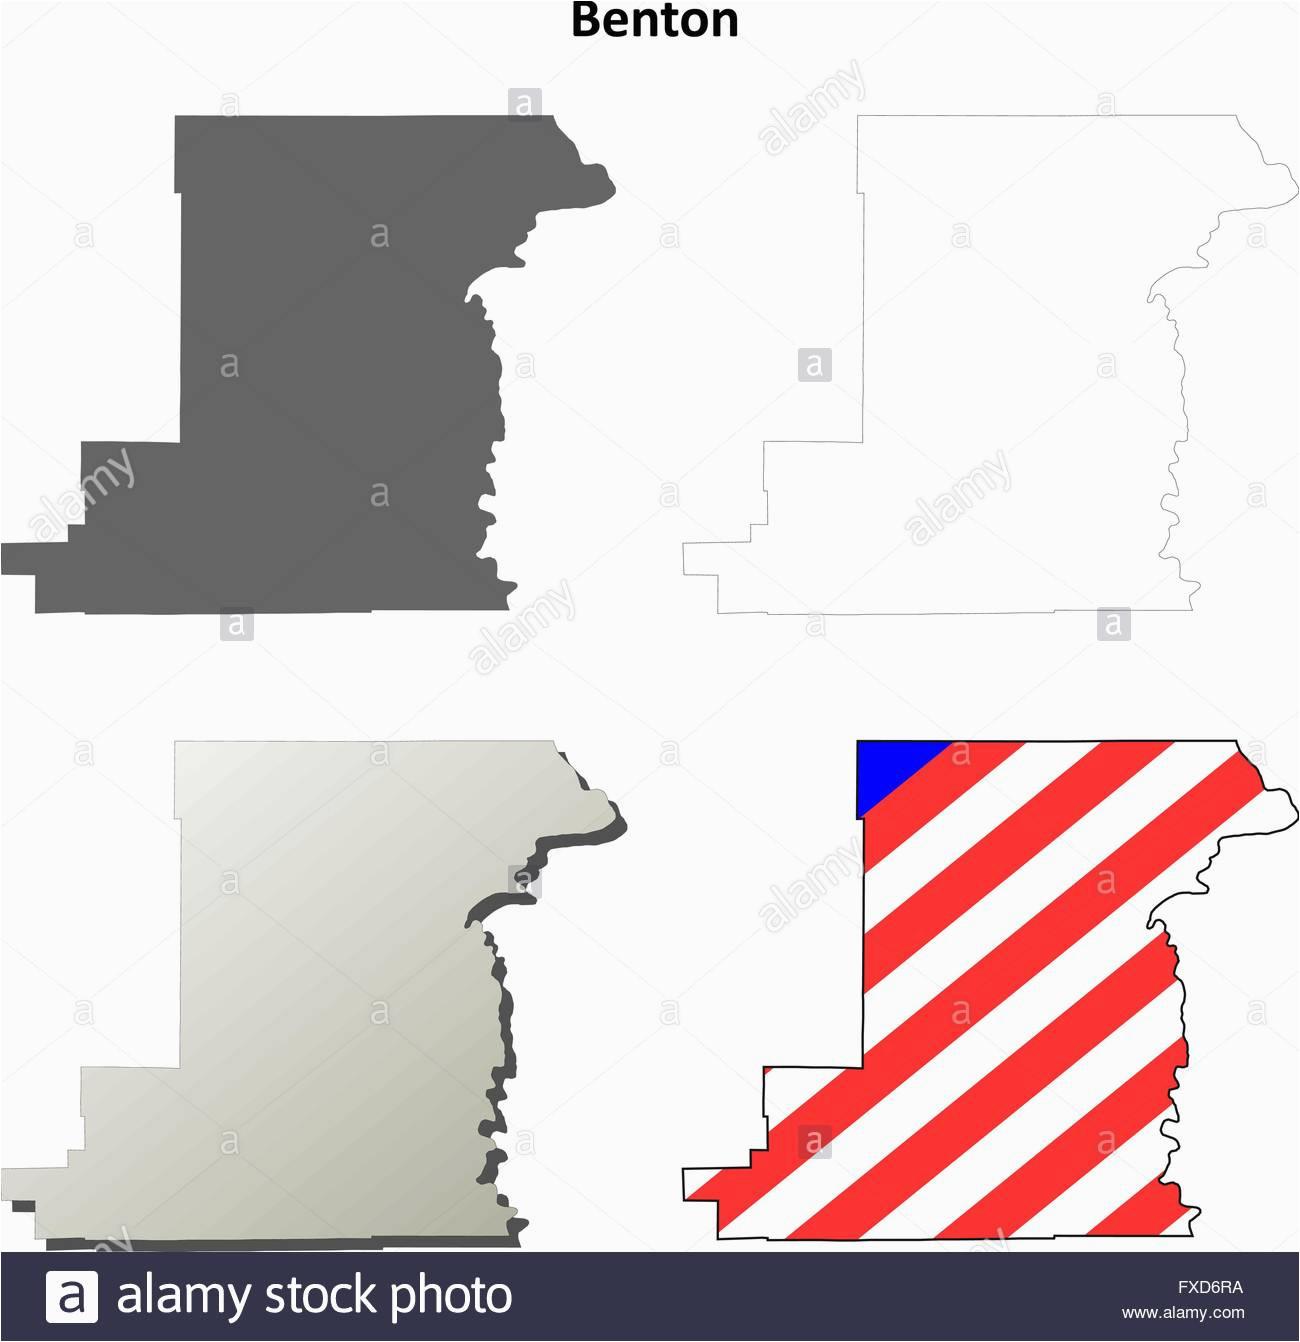 Benton County oregon Map Benton Map Stock Photos Benton Map Stock Images Alamy